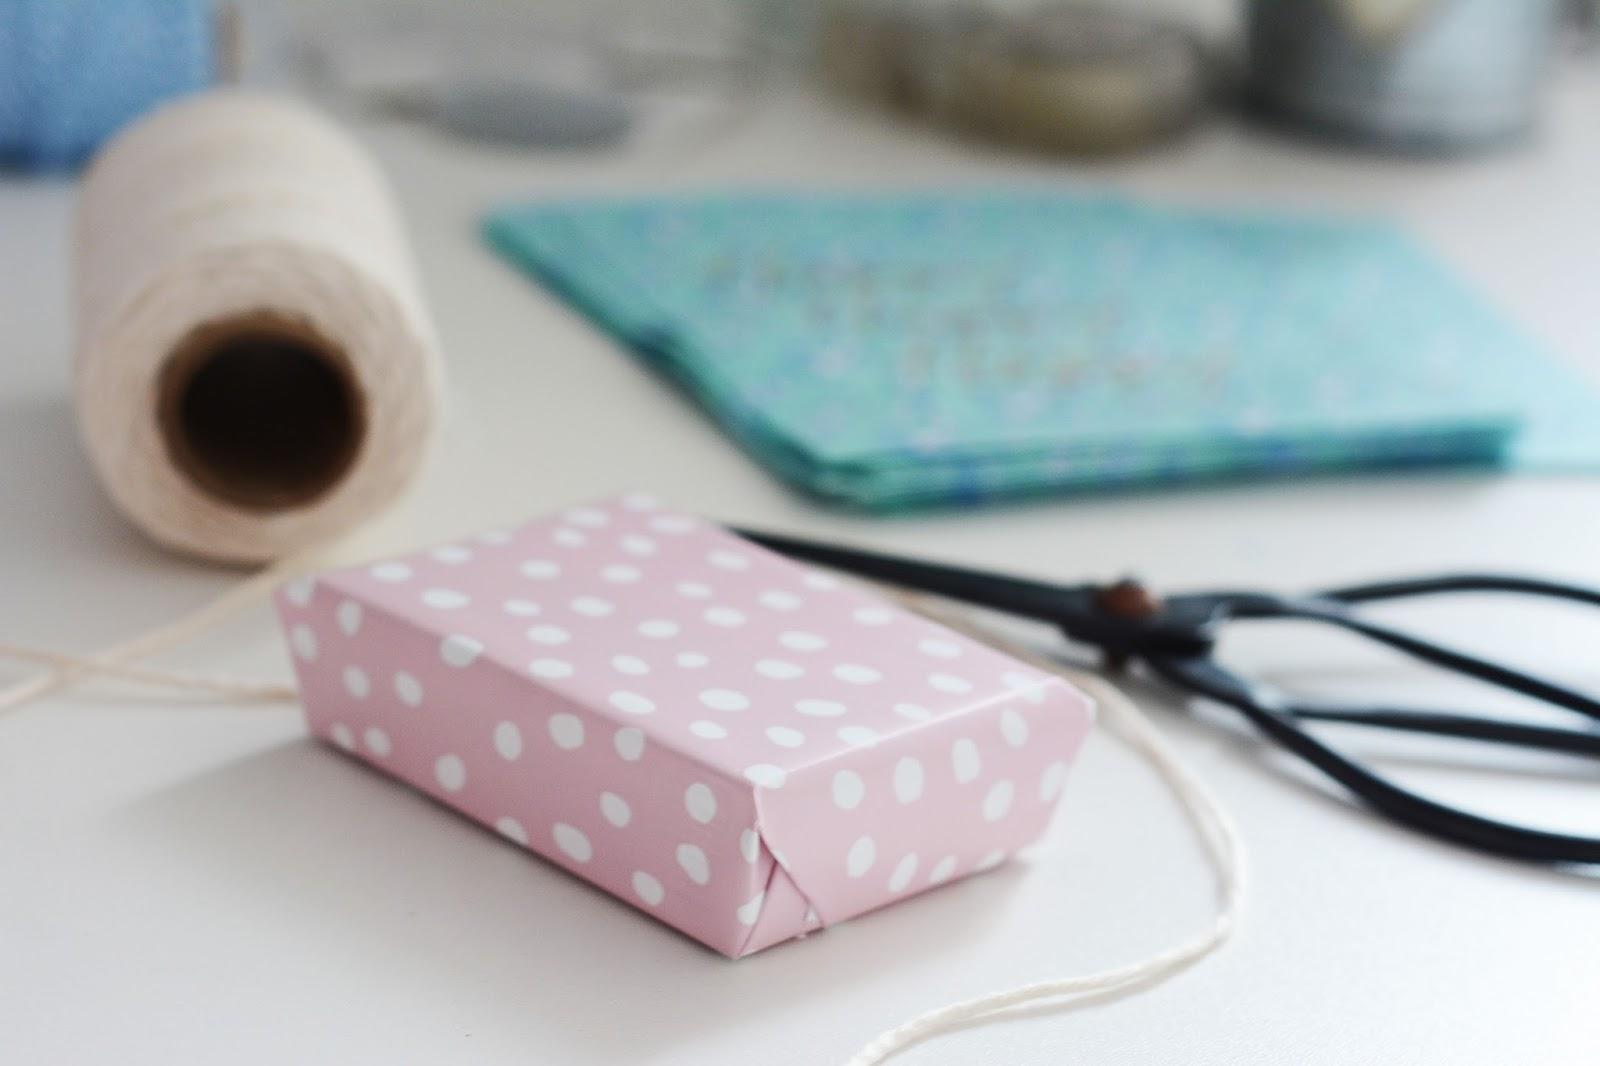 papier do prezentów Ikea, biały sznurek, nożyczki vintage, torebki Rice